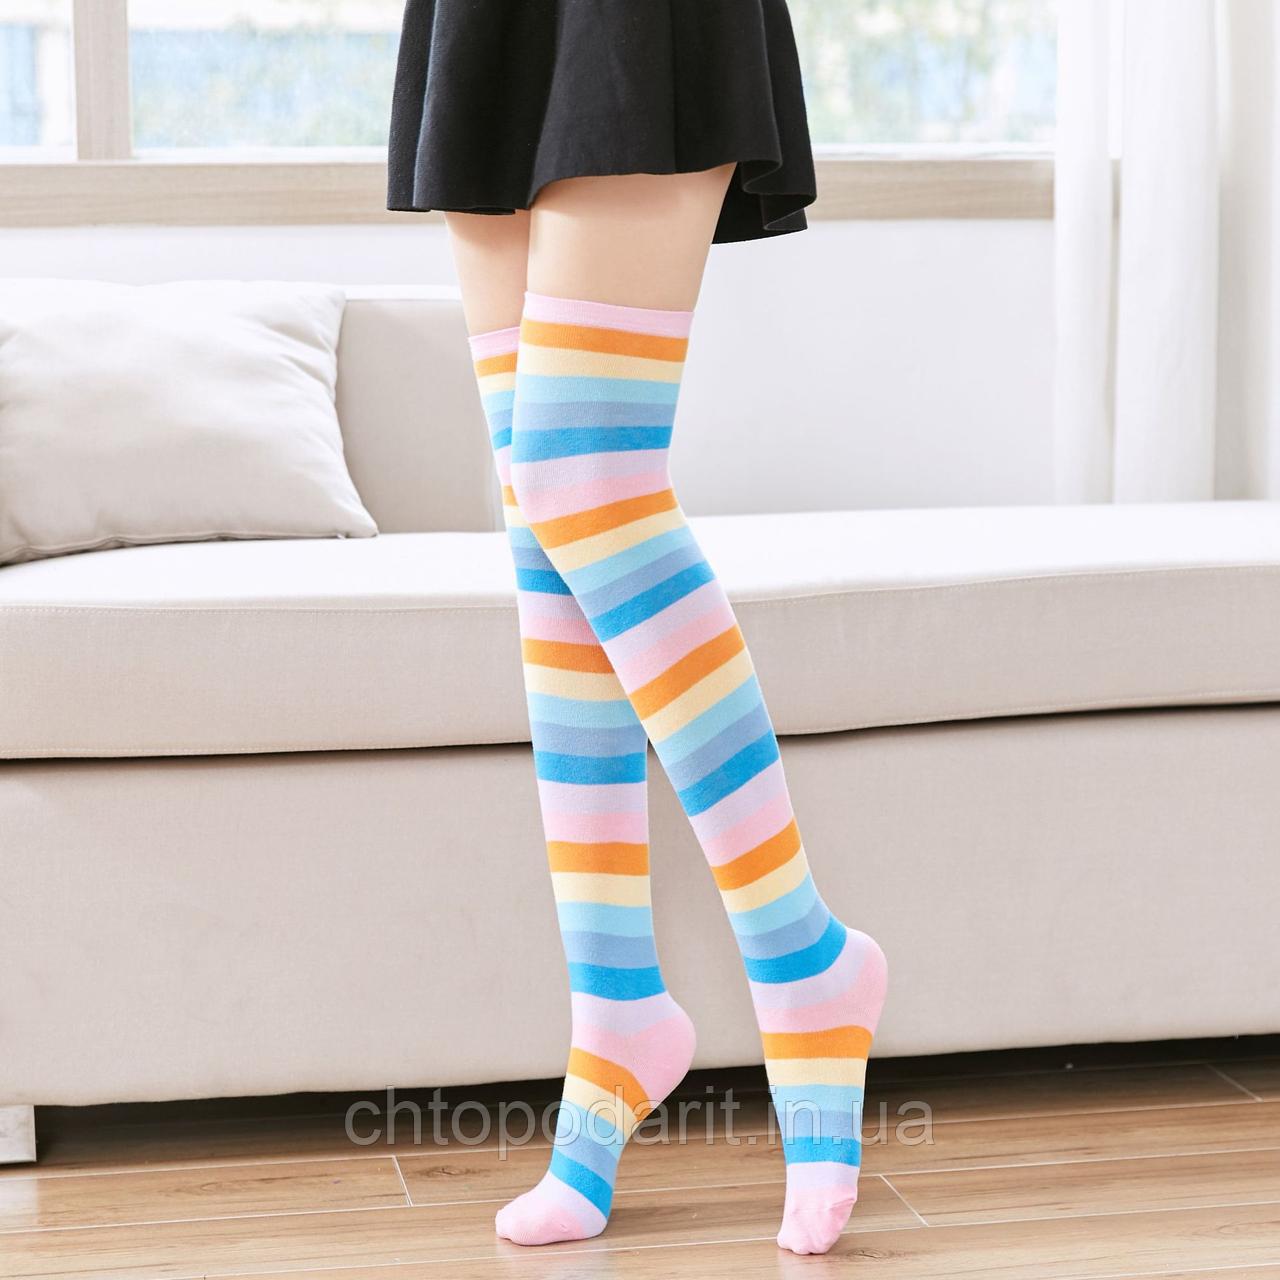 Яркие гетры разных расцветок гольфы выше колена веселые чулки радуга светлая Код 09-01033